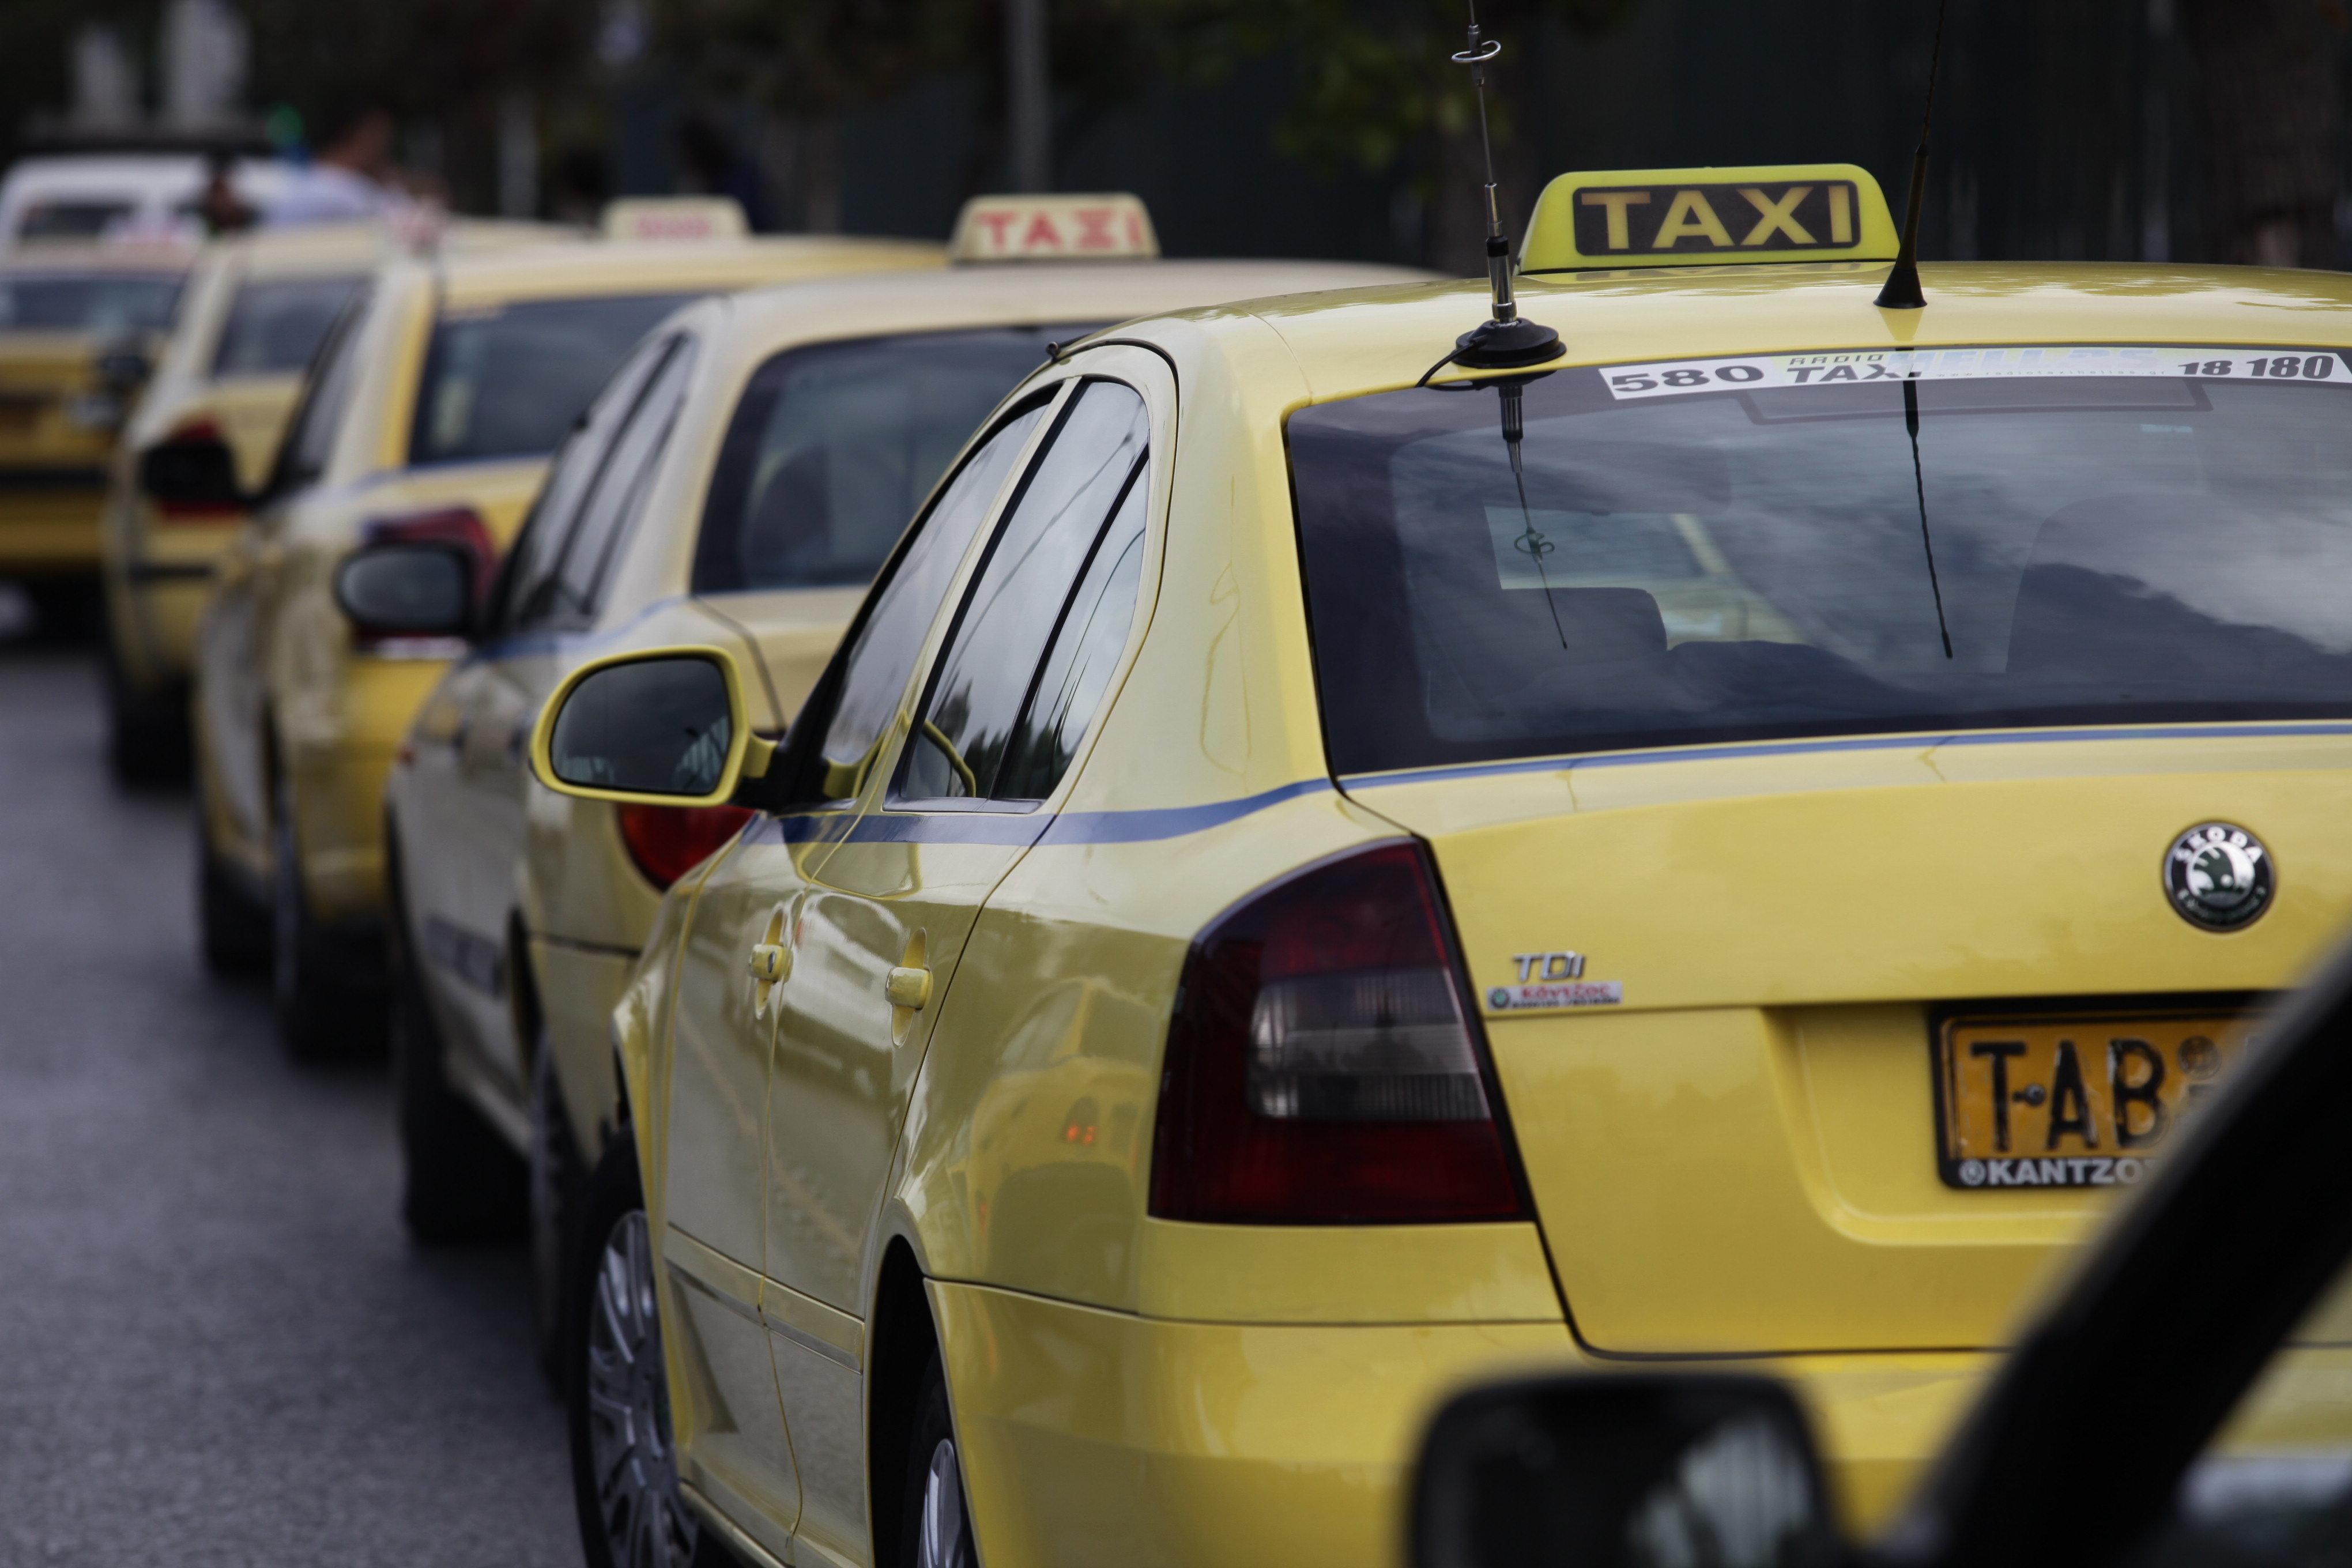 Λυμπερόπουλος: Δικαίωση για τον κλάδο των ταξί η απόφαση για την